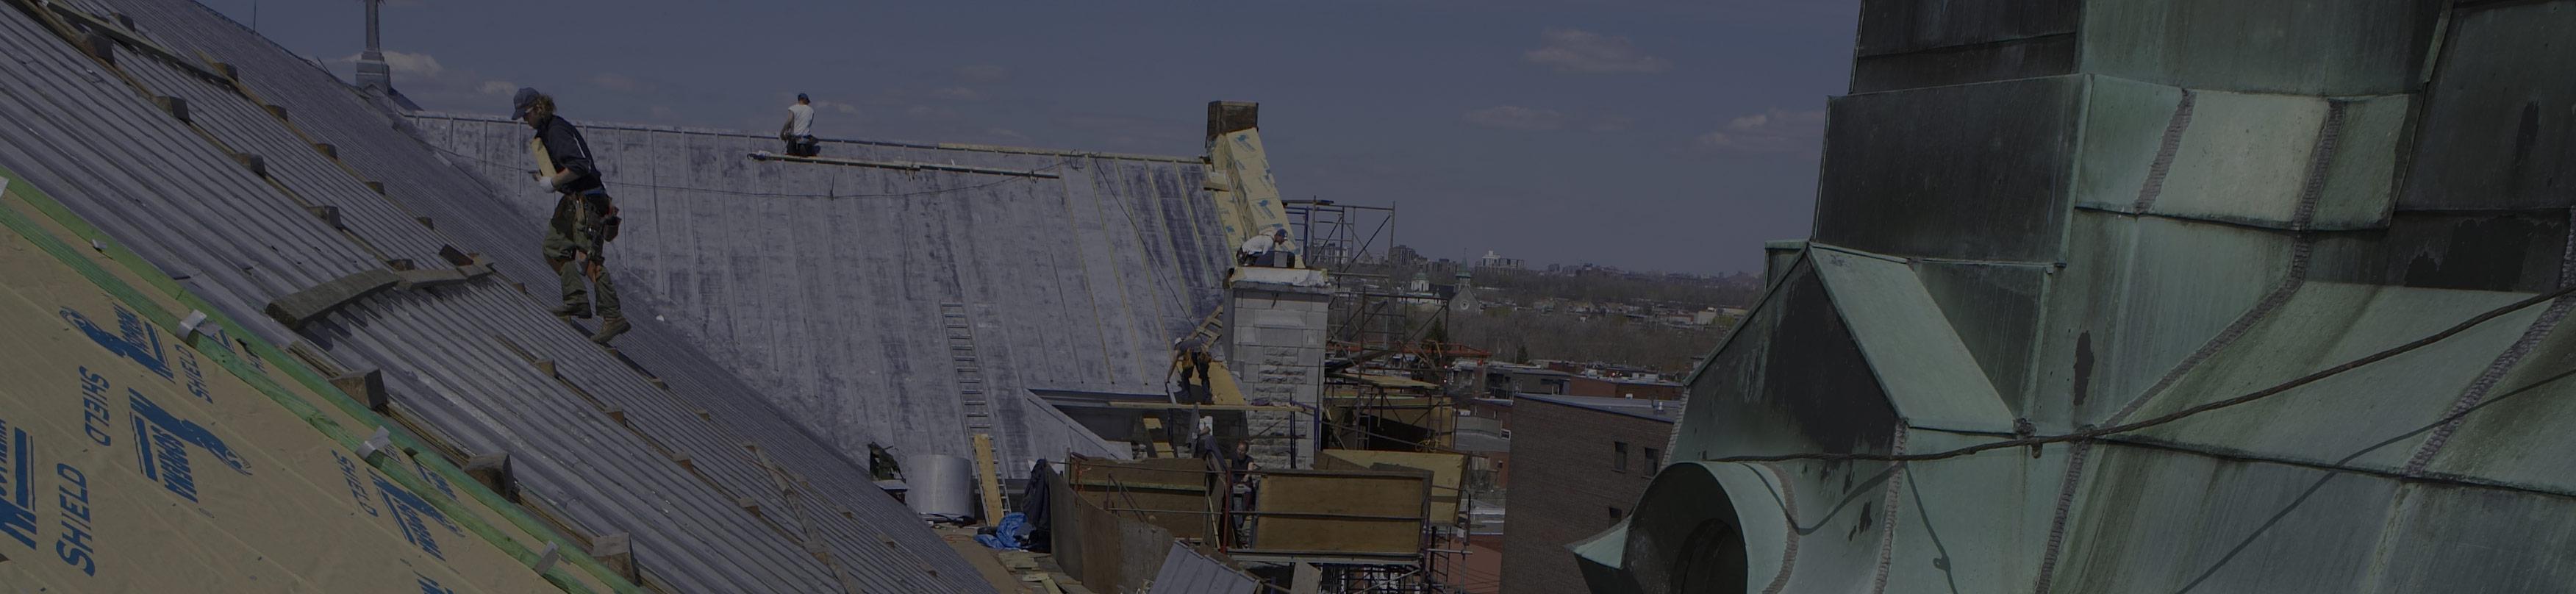 Inspection de toiture à Montréal - Couvreur Verdun Montréal Laval